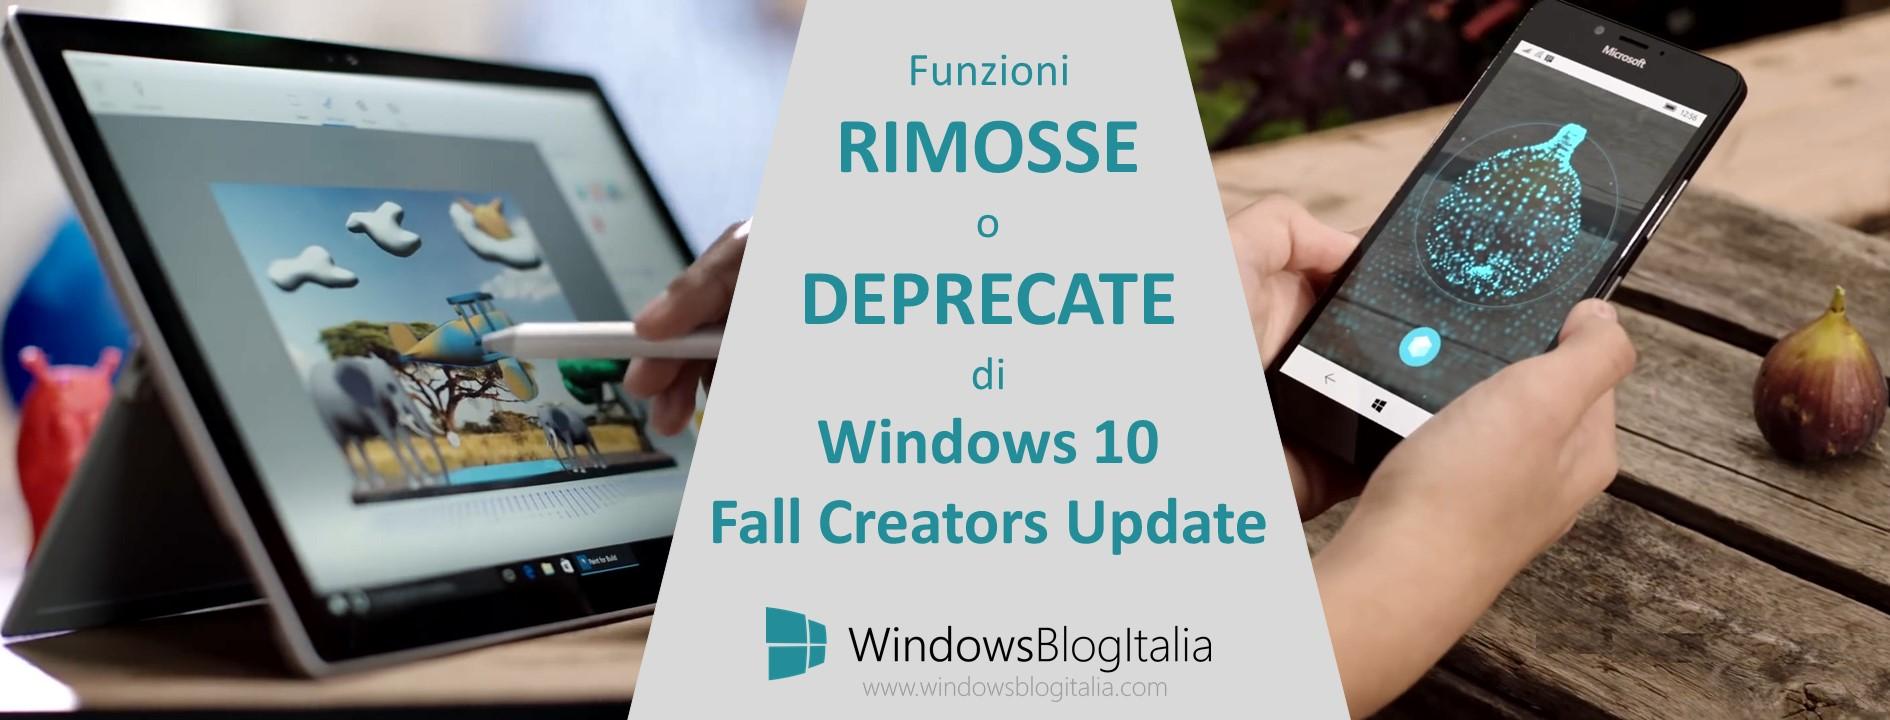 Funzioni rimosse o deprecate Windows 10 Fall Creators Update